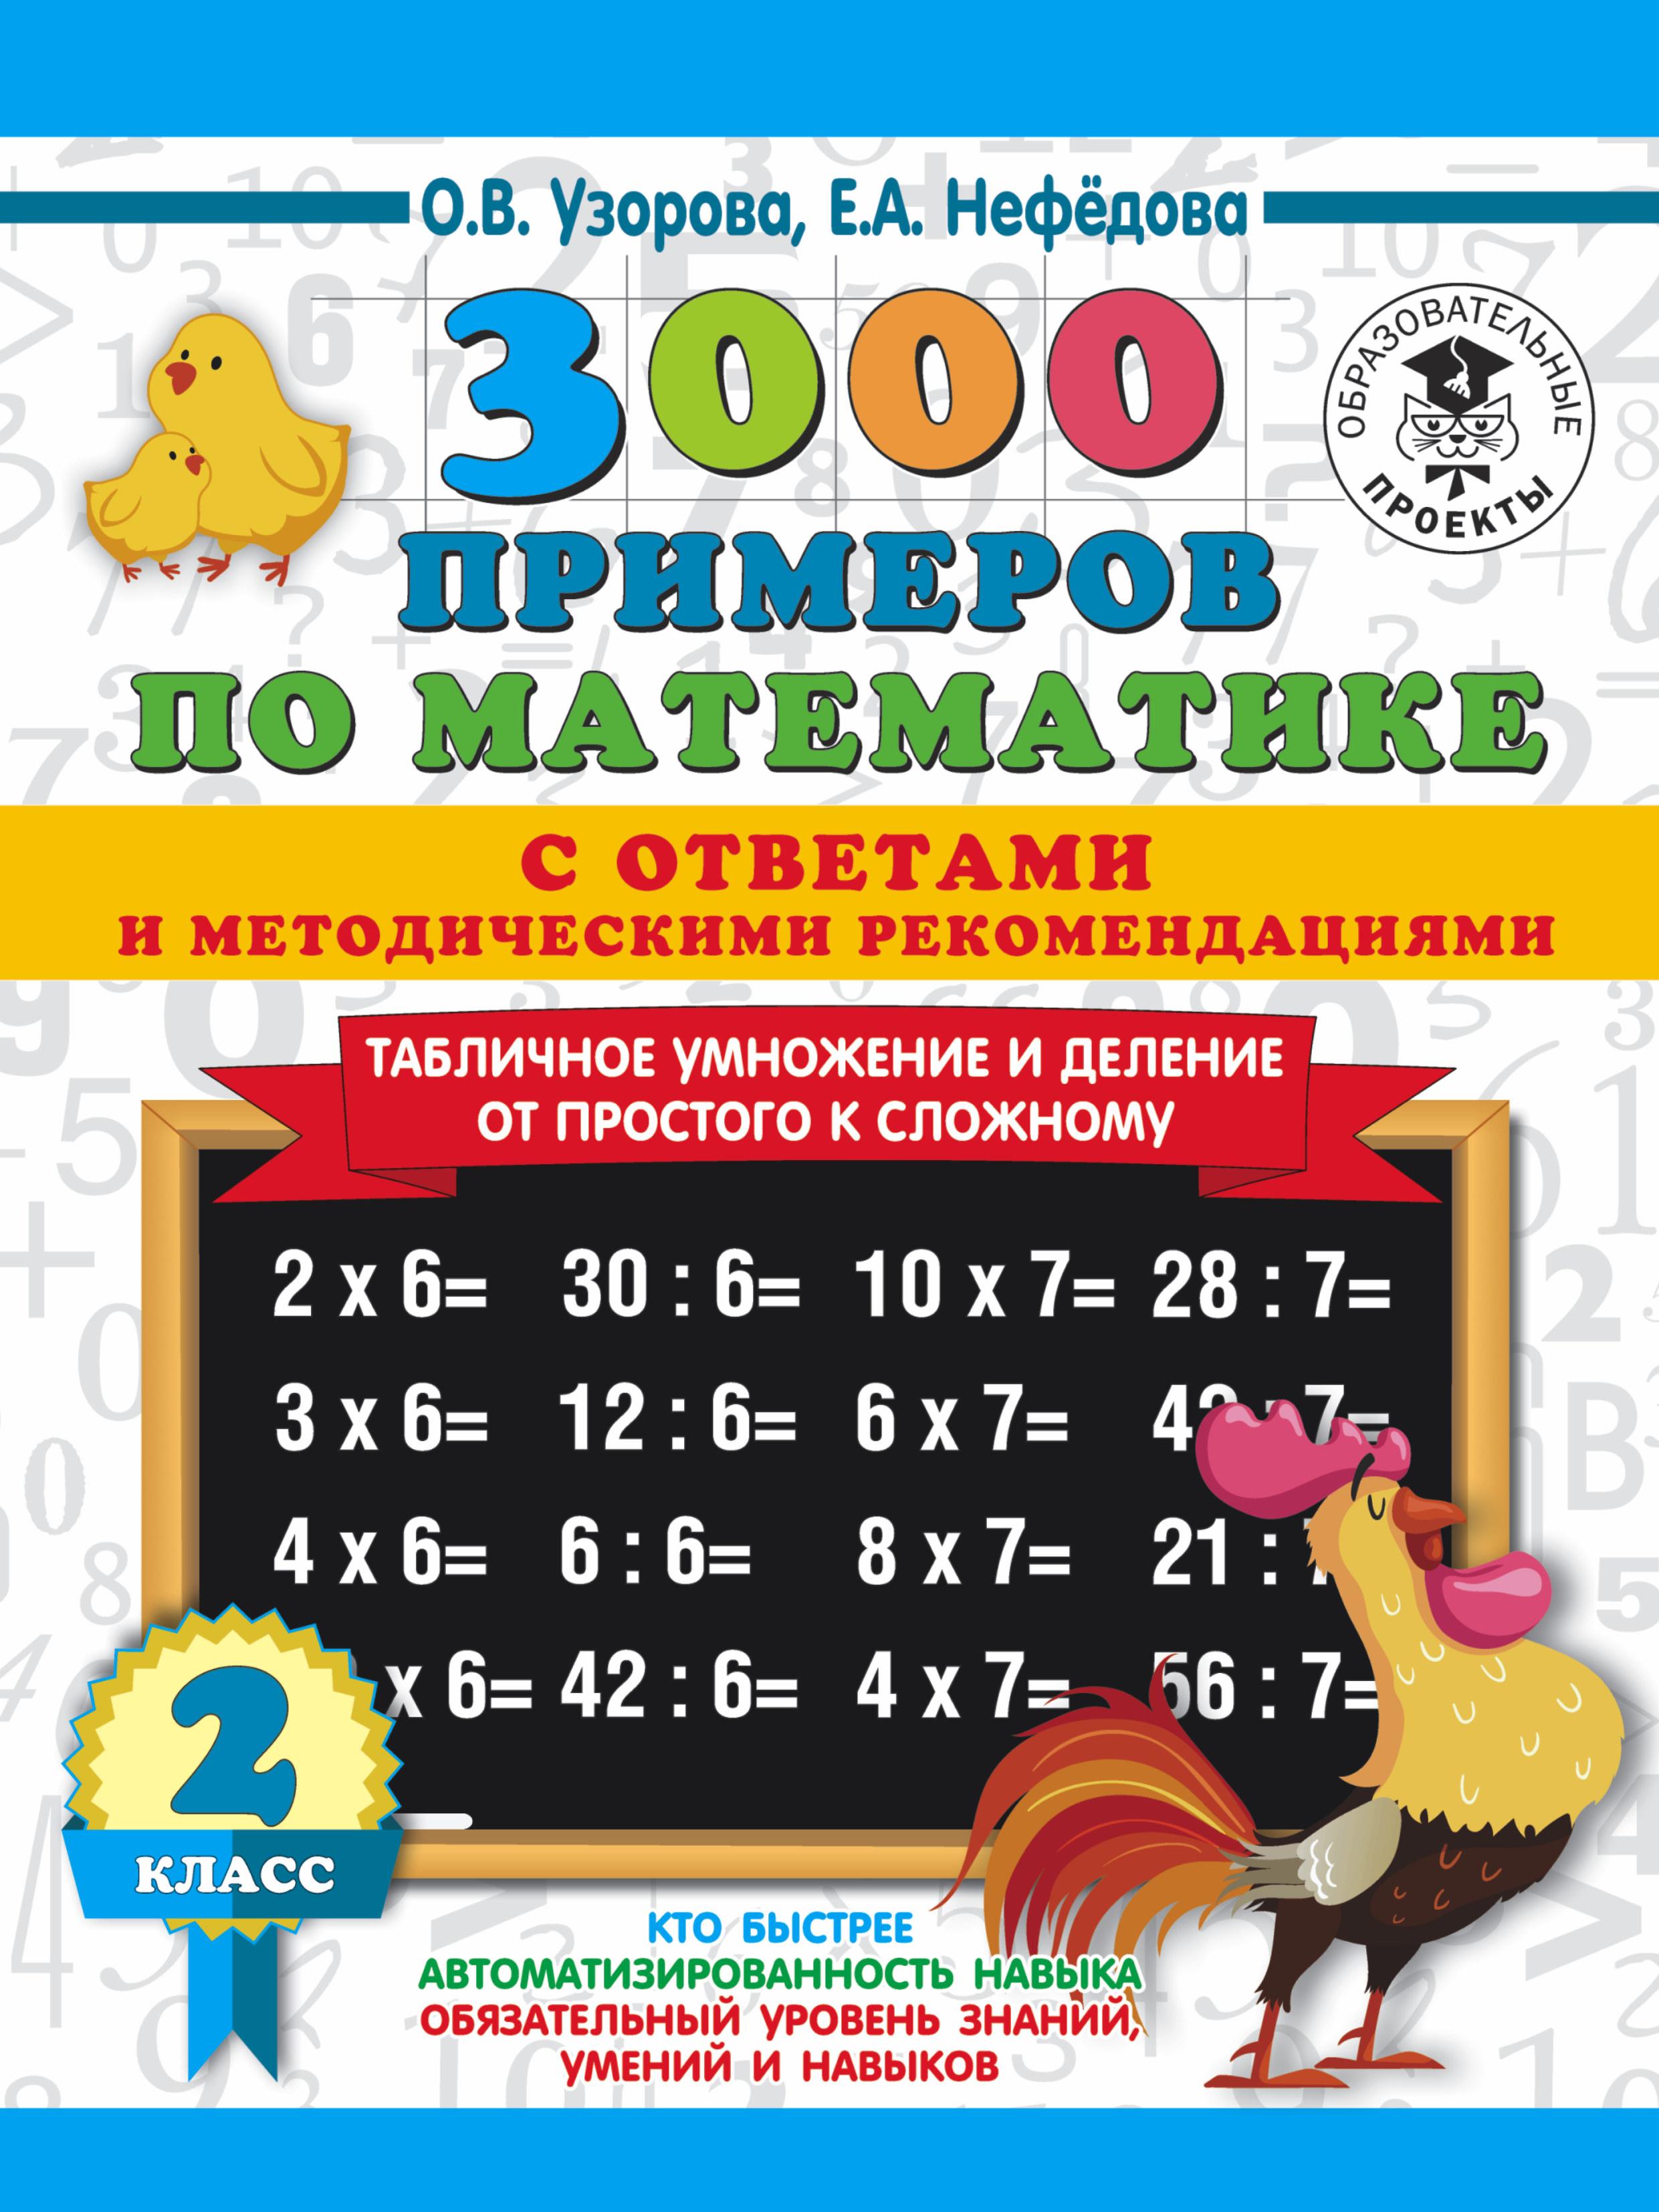 3000 примеров по математике с ответами и методическими рекомендациями. Табличное умножение и деление от простого к сложному. 2 класс